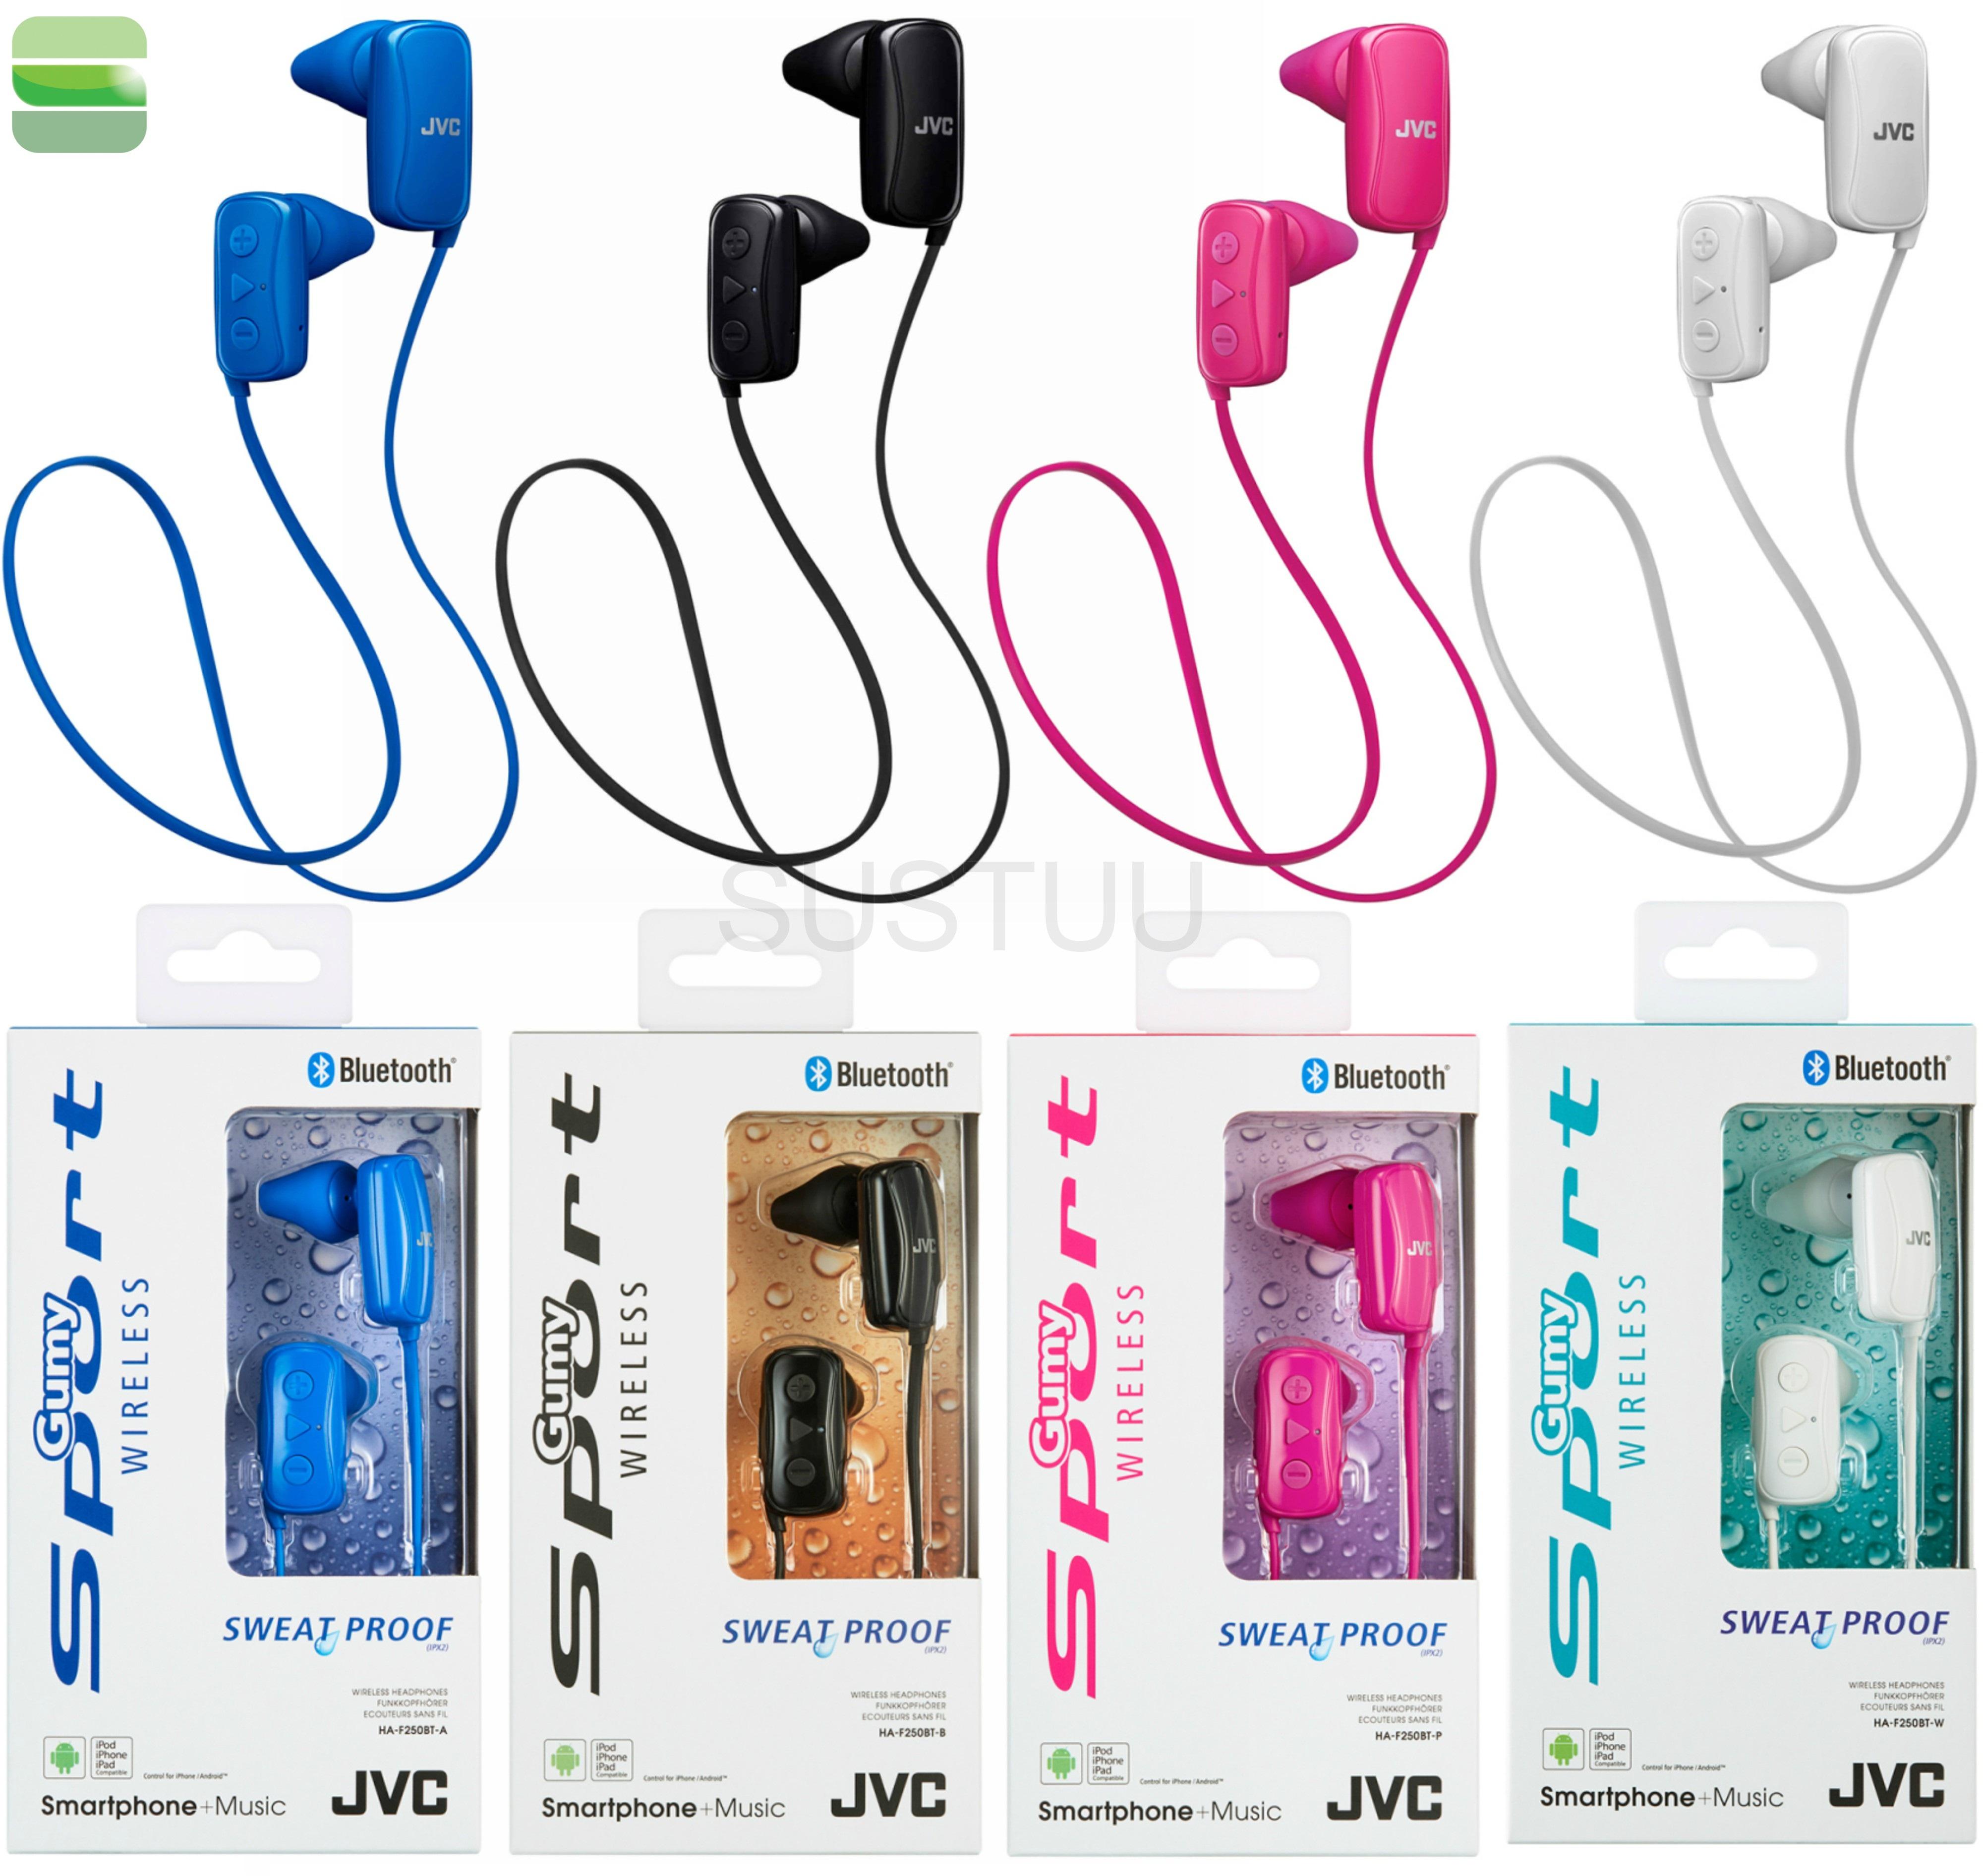 bf13fcc5b8a /JVC HAF250BTAE Gumy Sports Bluetooth Headphones|9.0mm |In Ear|Android/Ios| Blue| | Sustuu